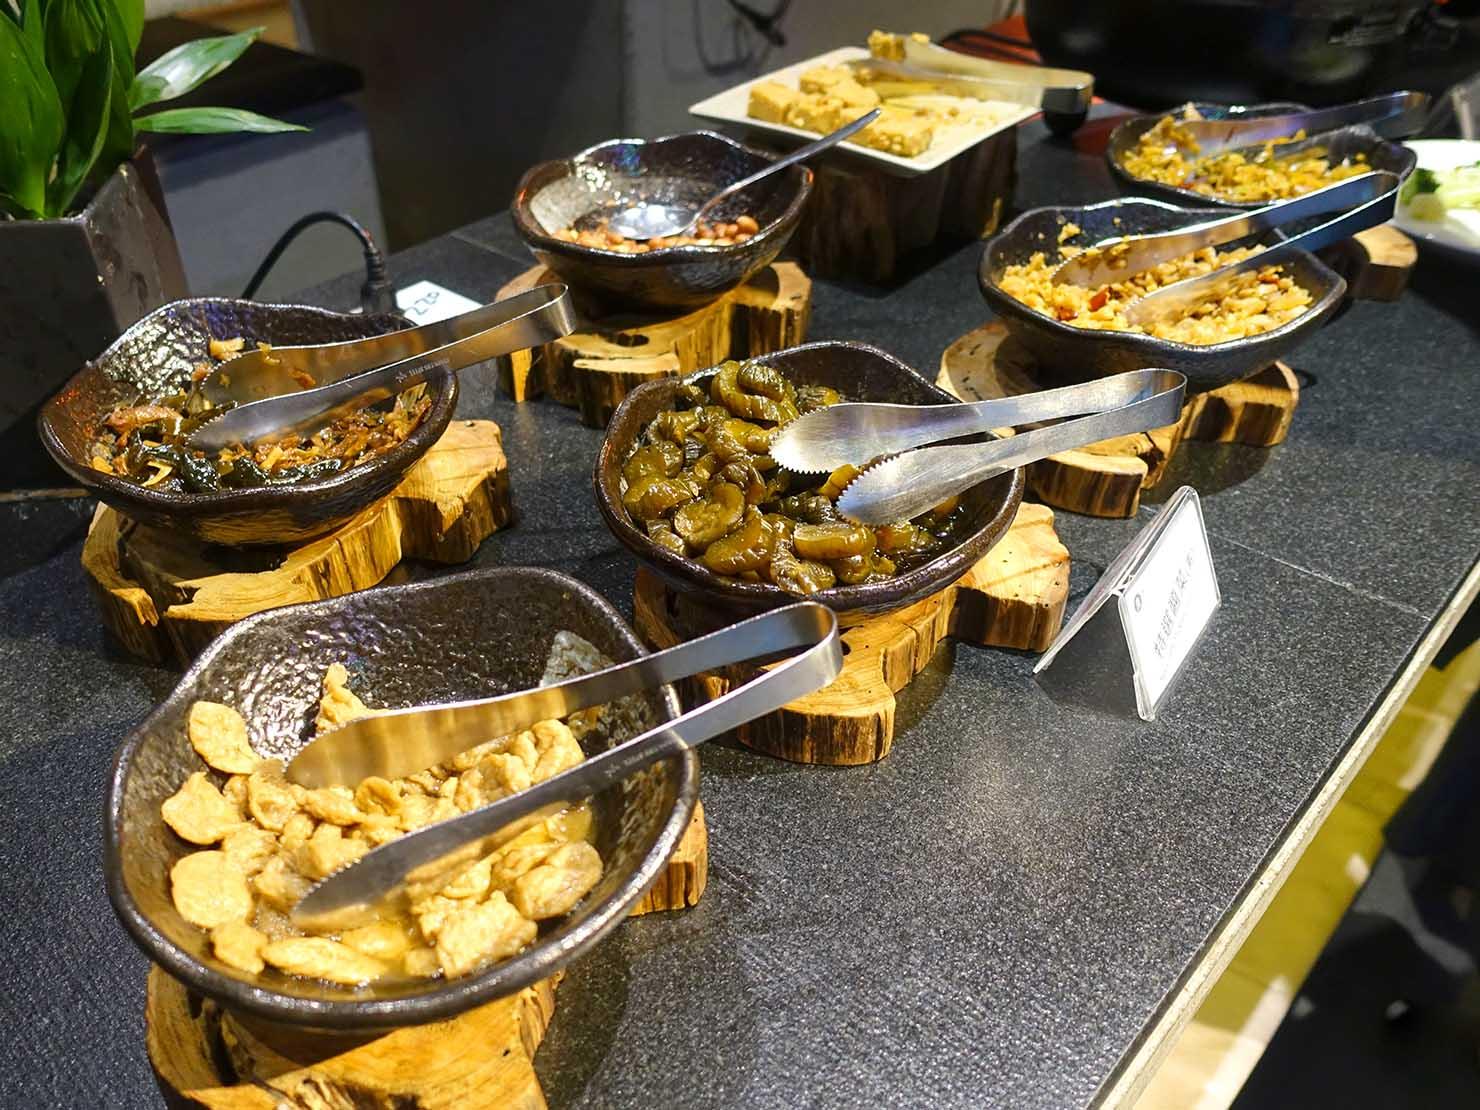 嘉義のおすすめホテル「嘉義觀止」B1F觀止餐廳でいただく朝食ビュッフェのお粥トッピング